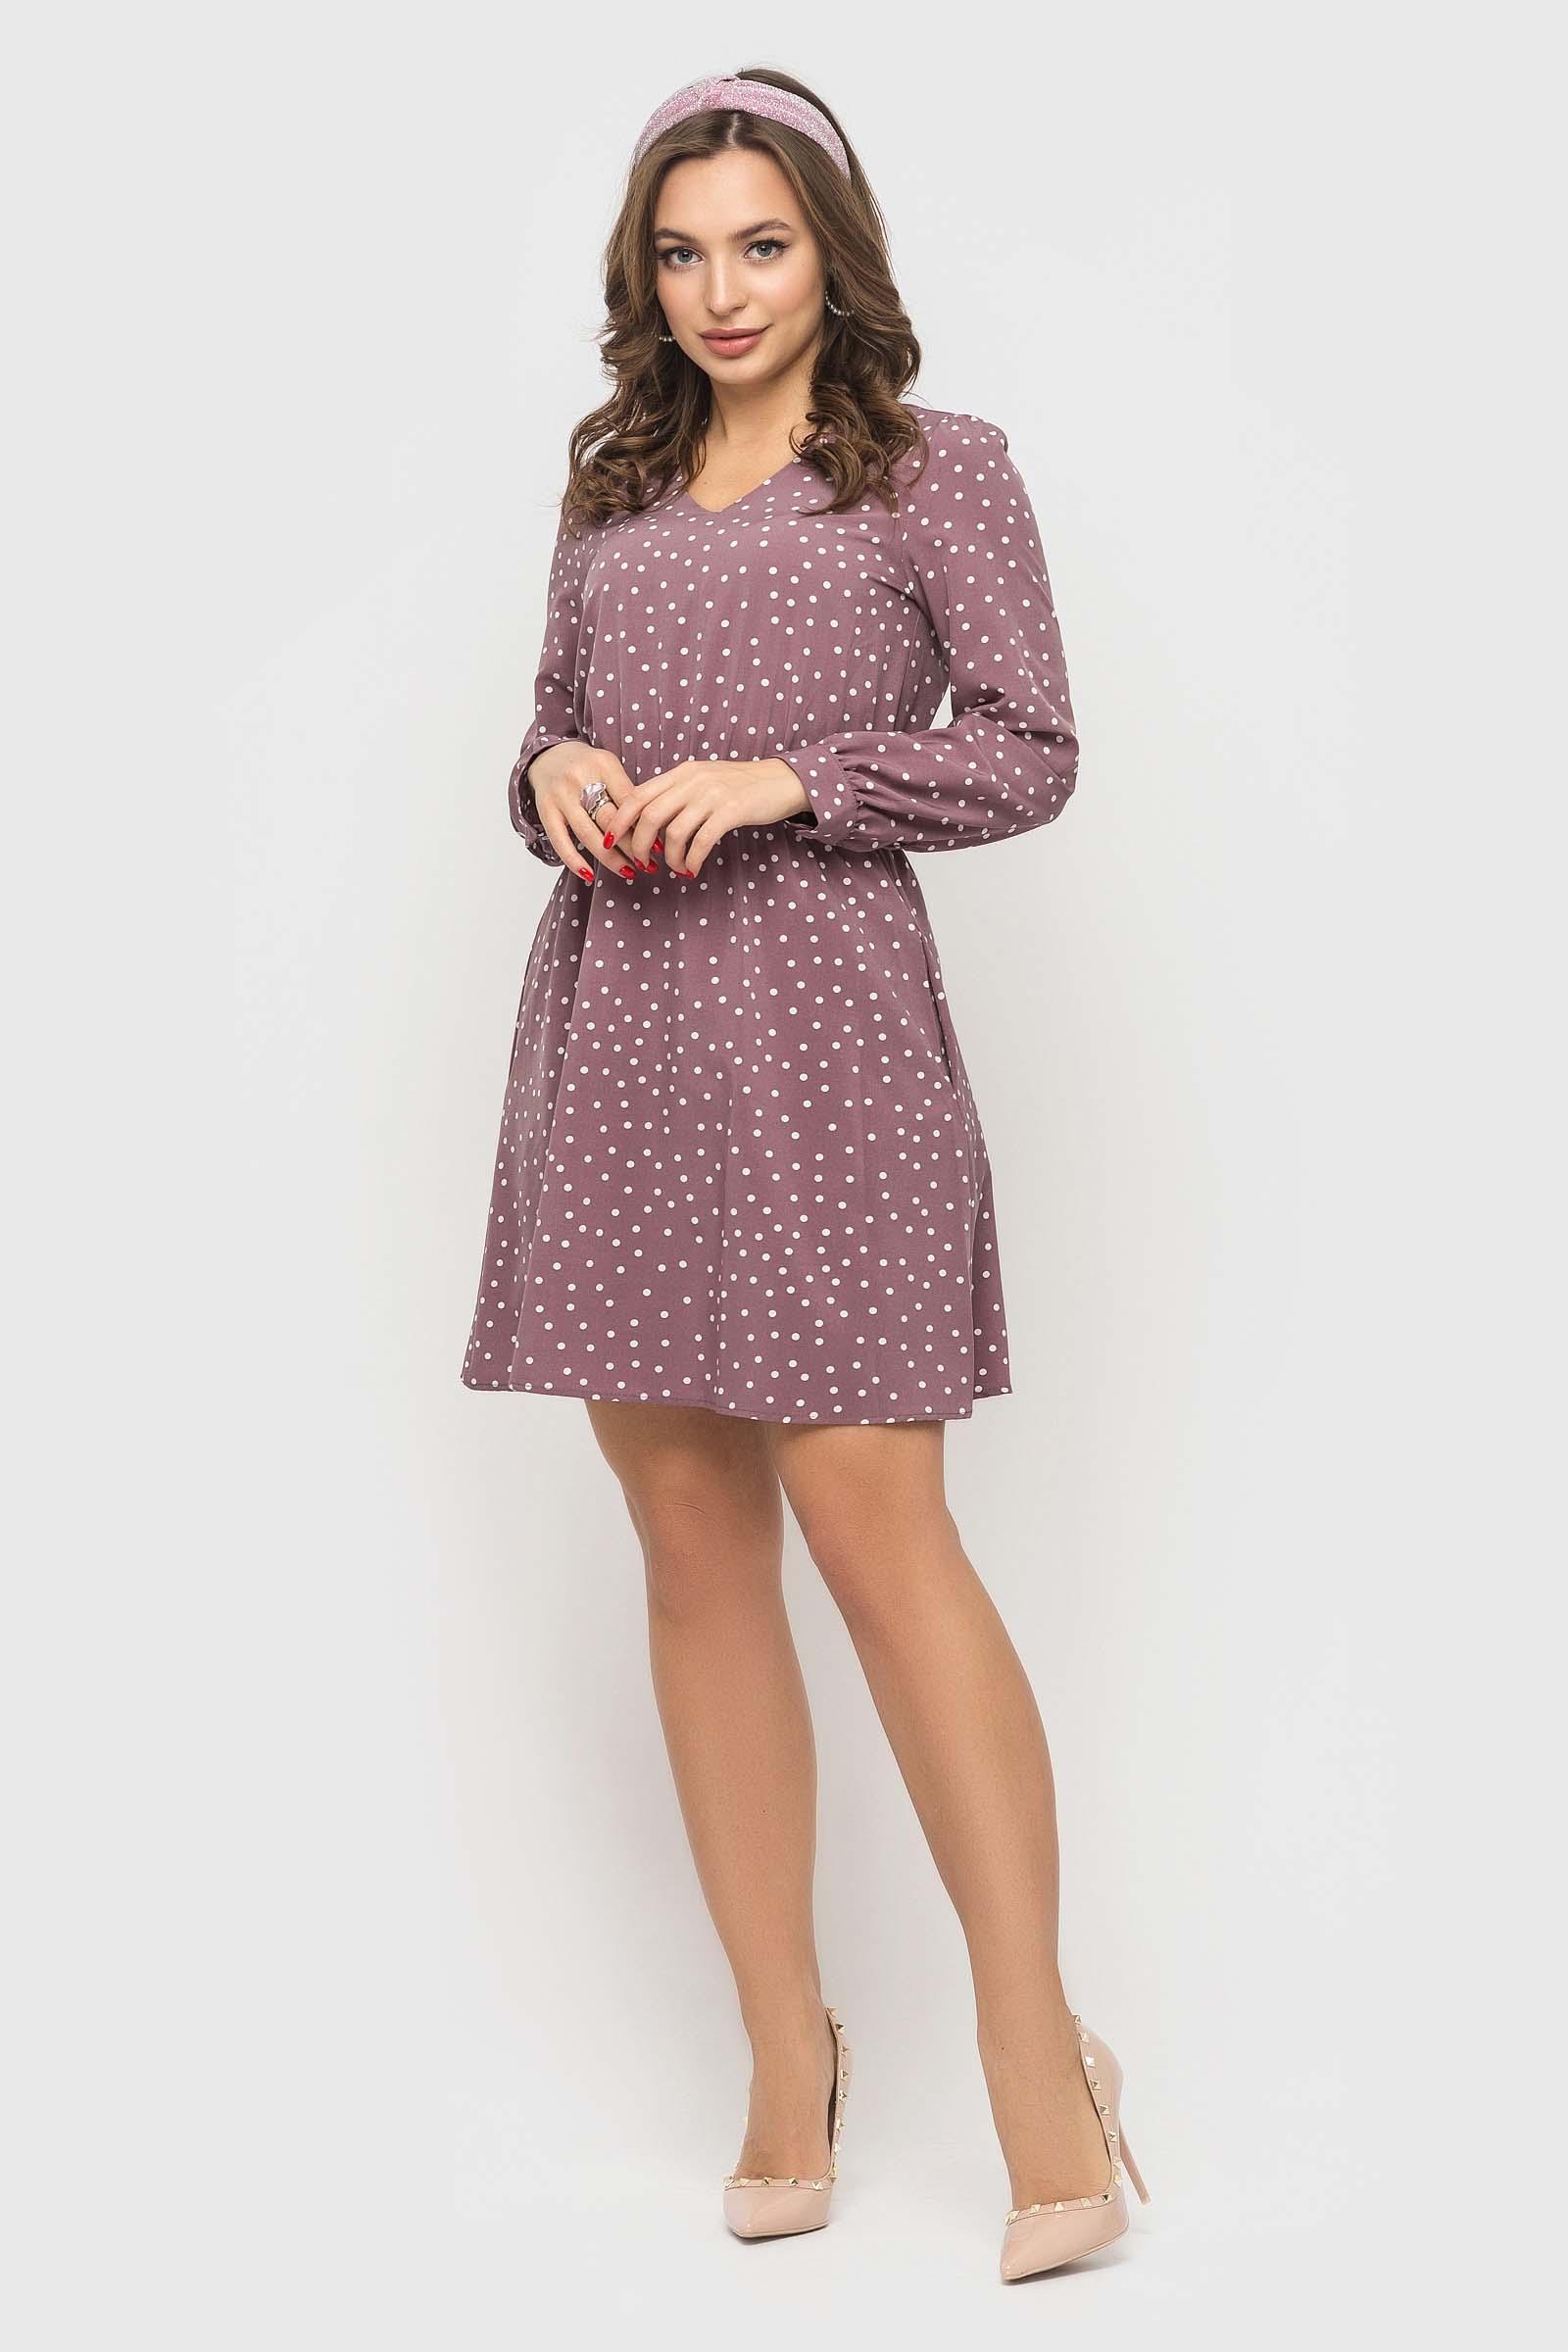 be art 2020 04 07182601 Купить платье